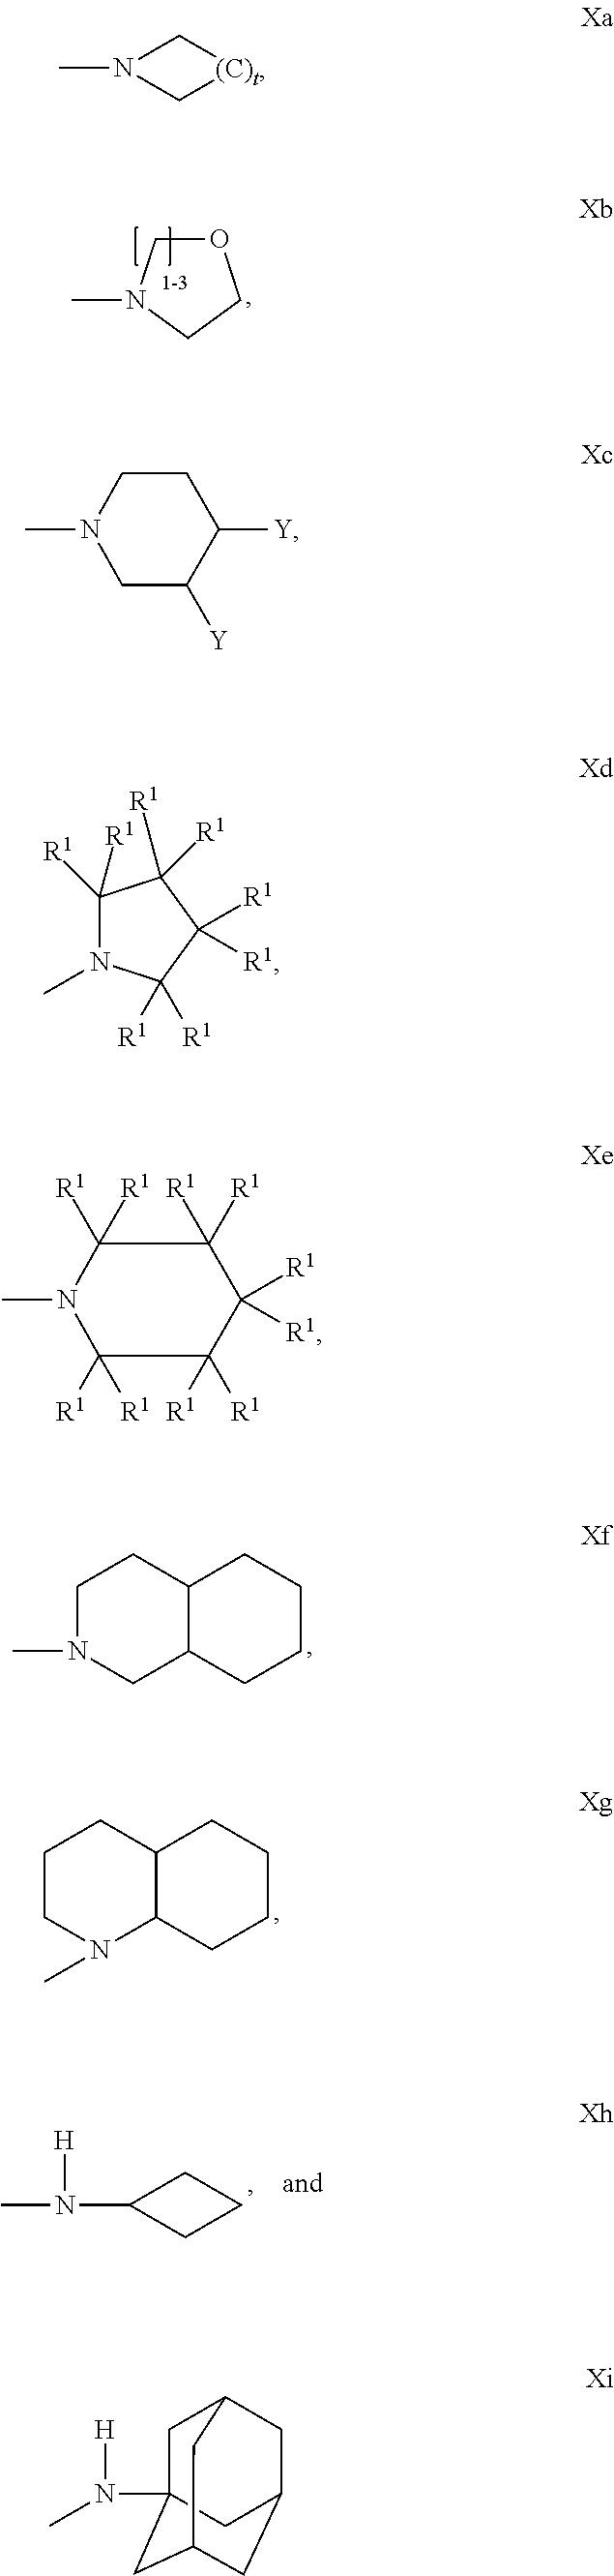 Figure US09840466-20171212-C00002